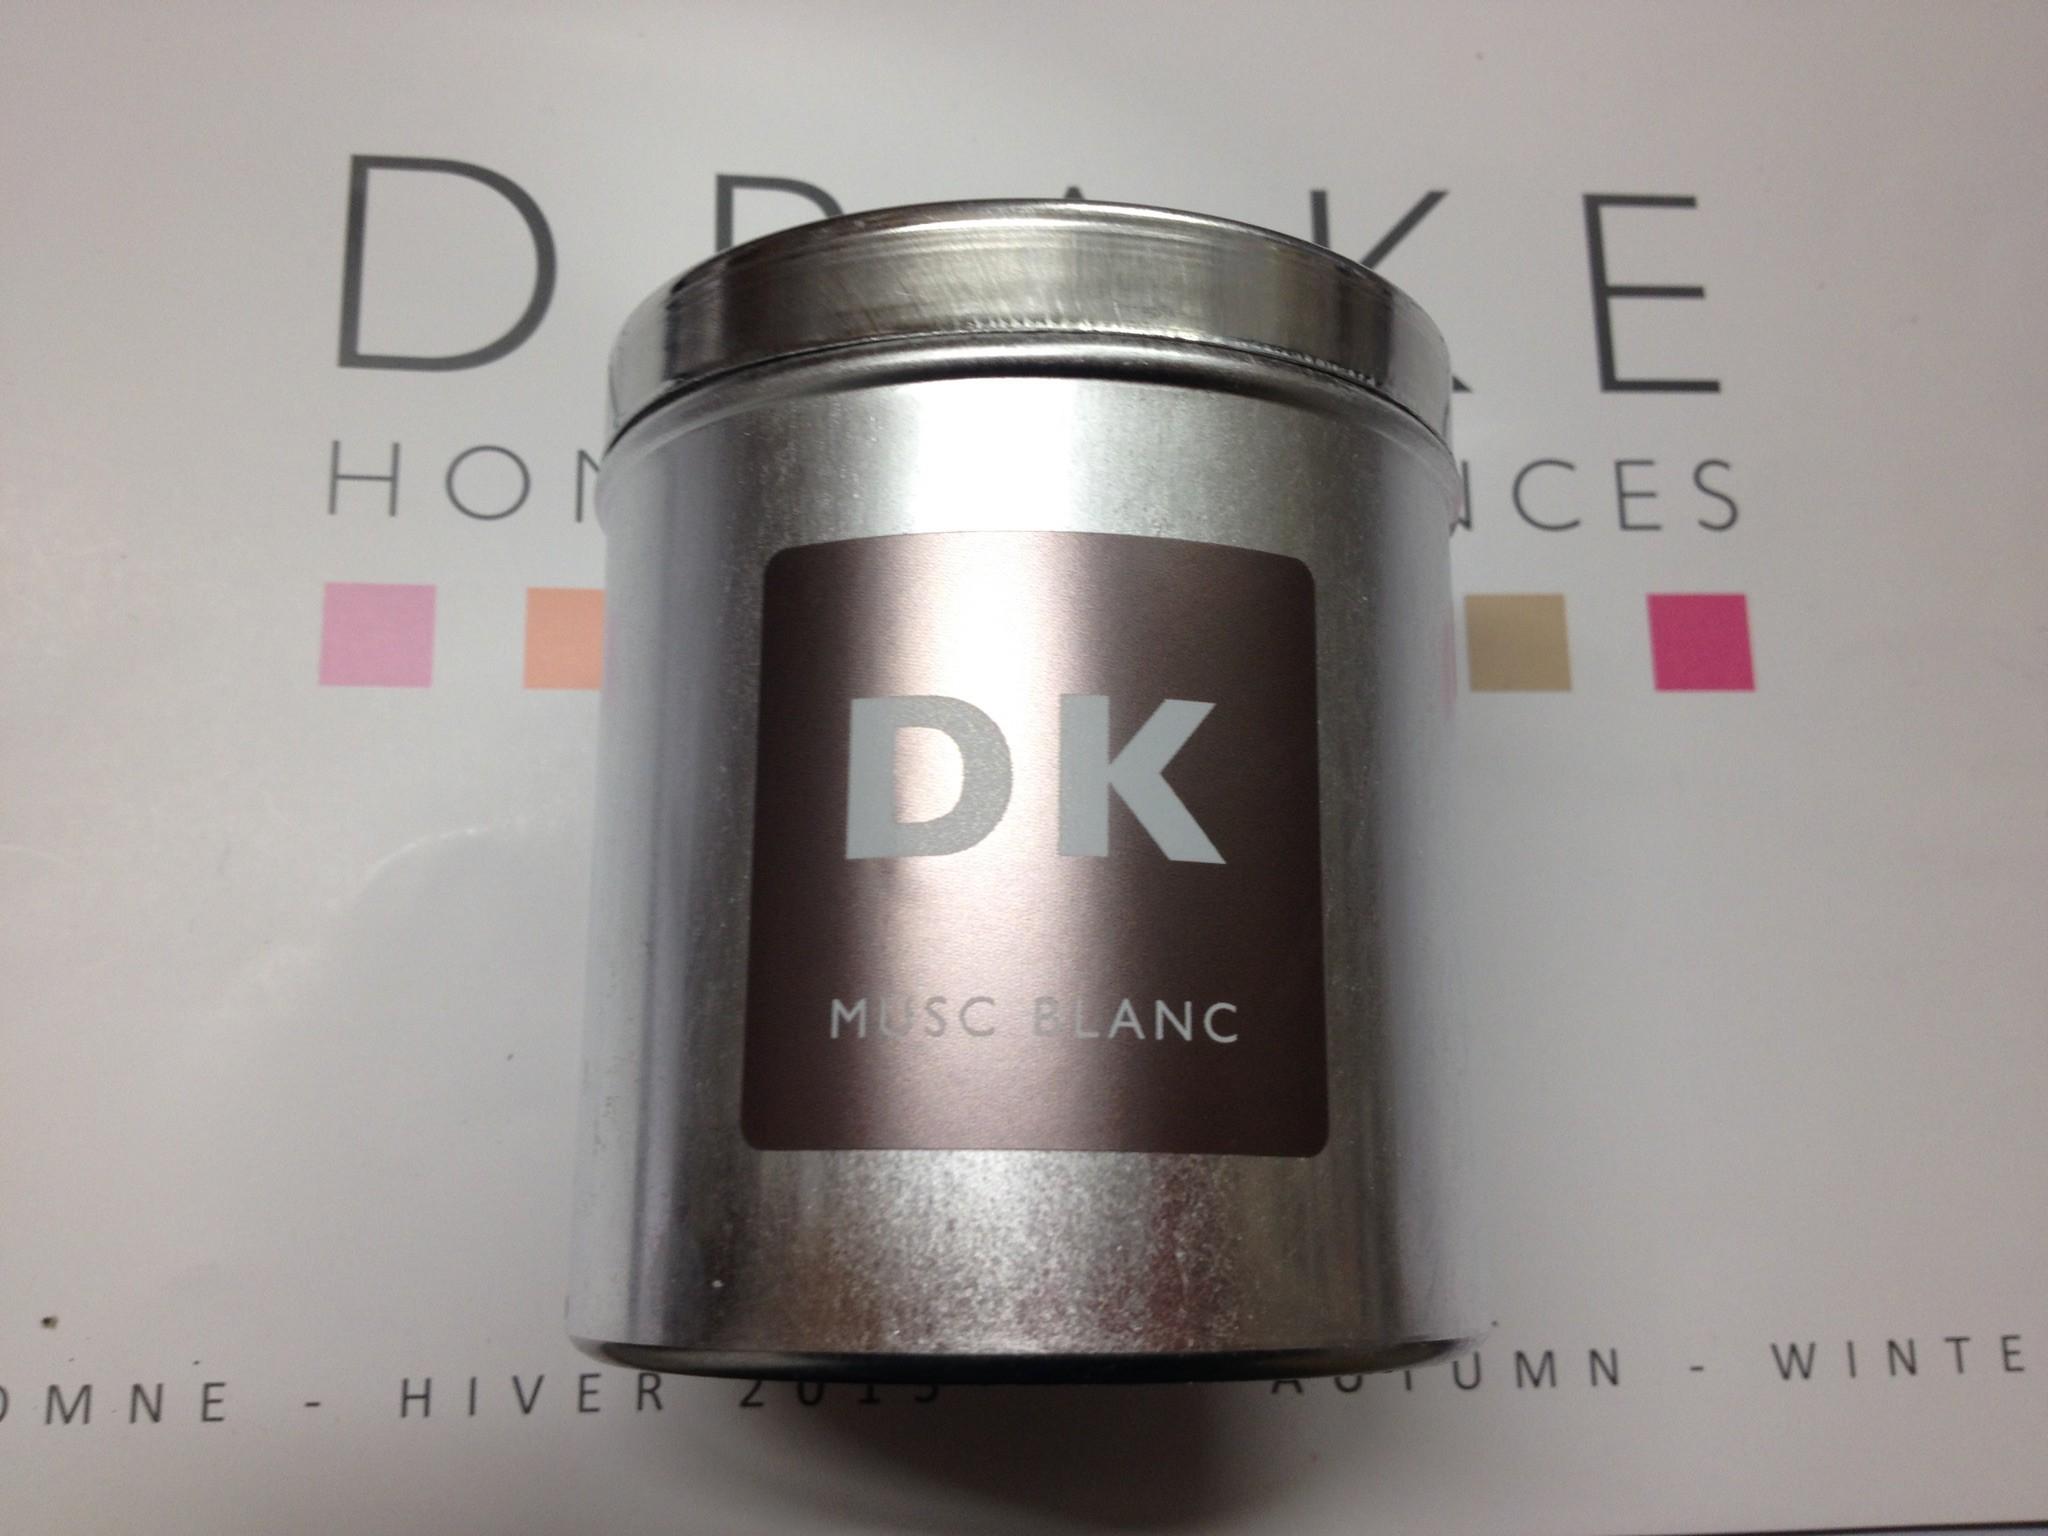 bougie parfumee boite metal musc blanc drake